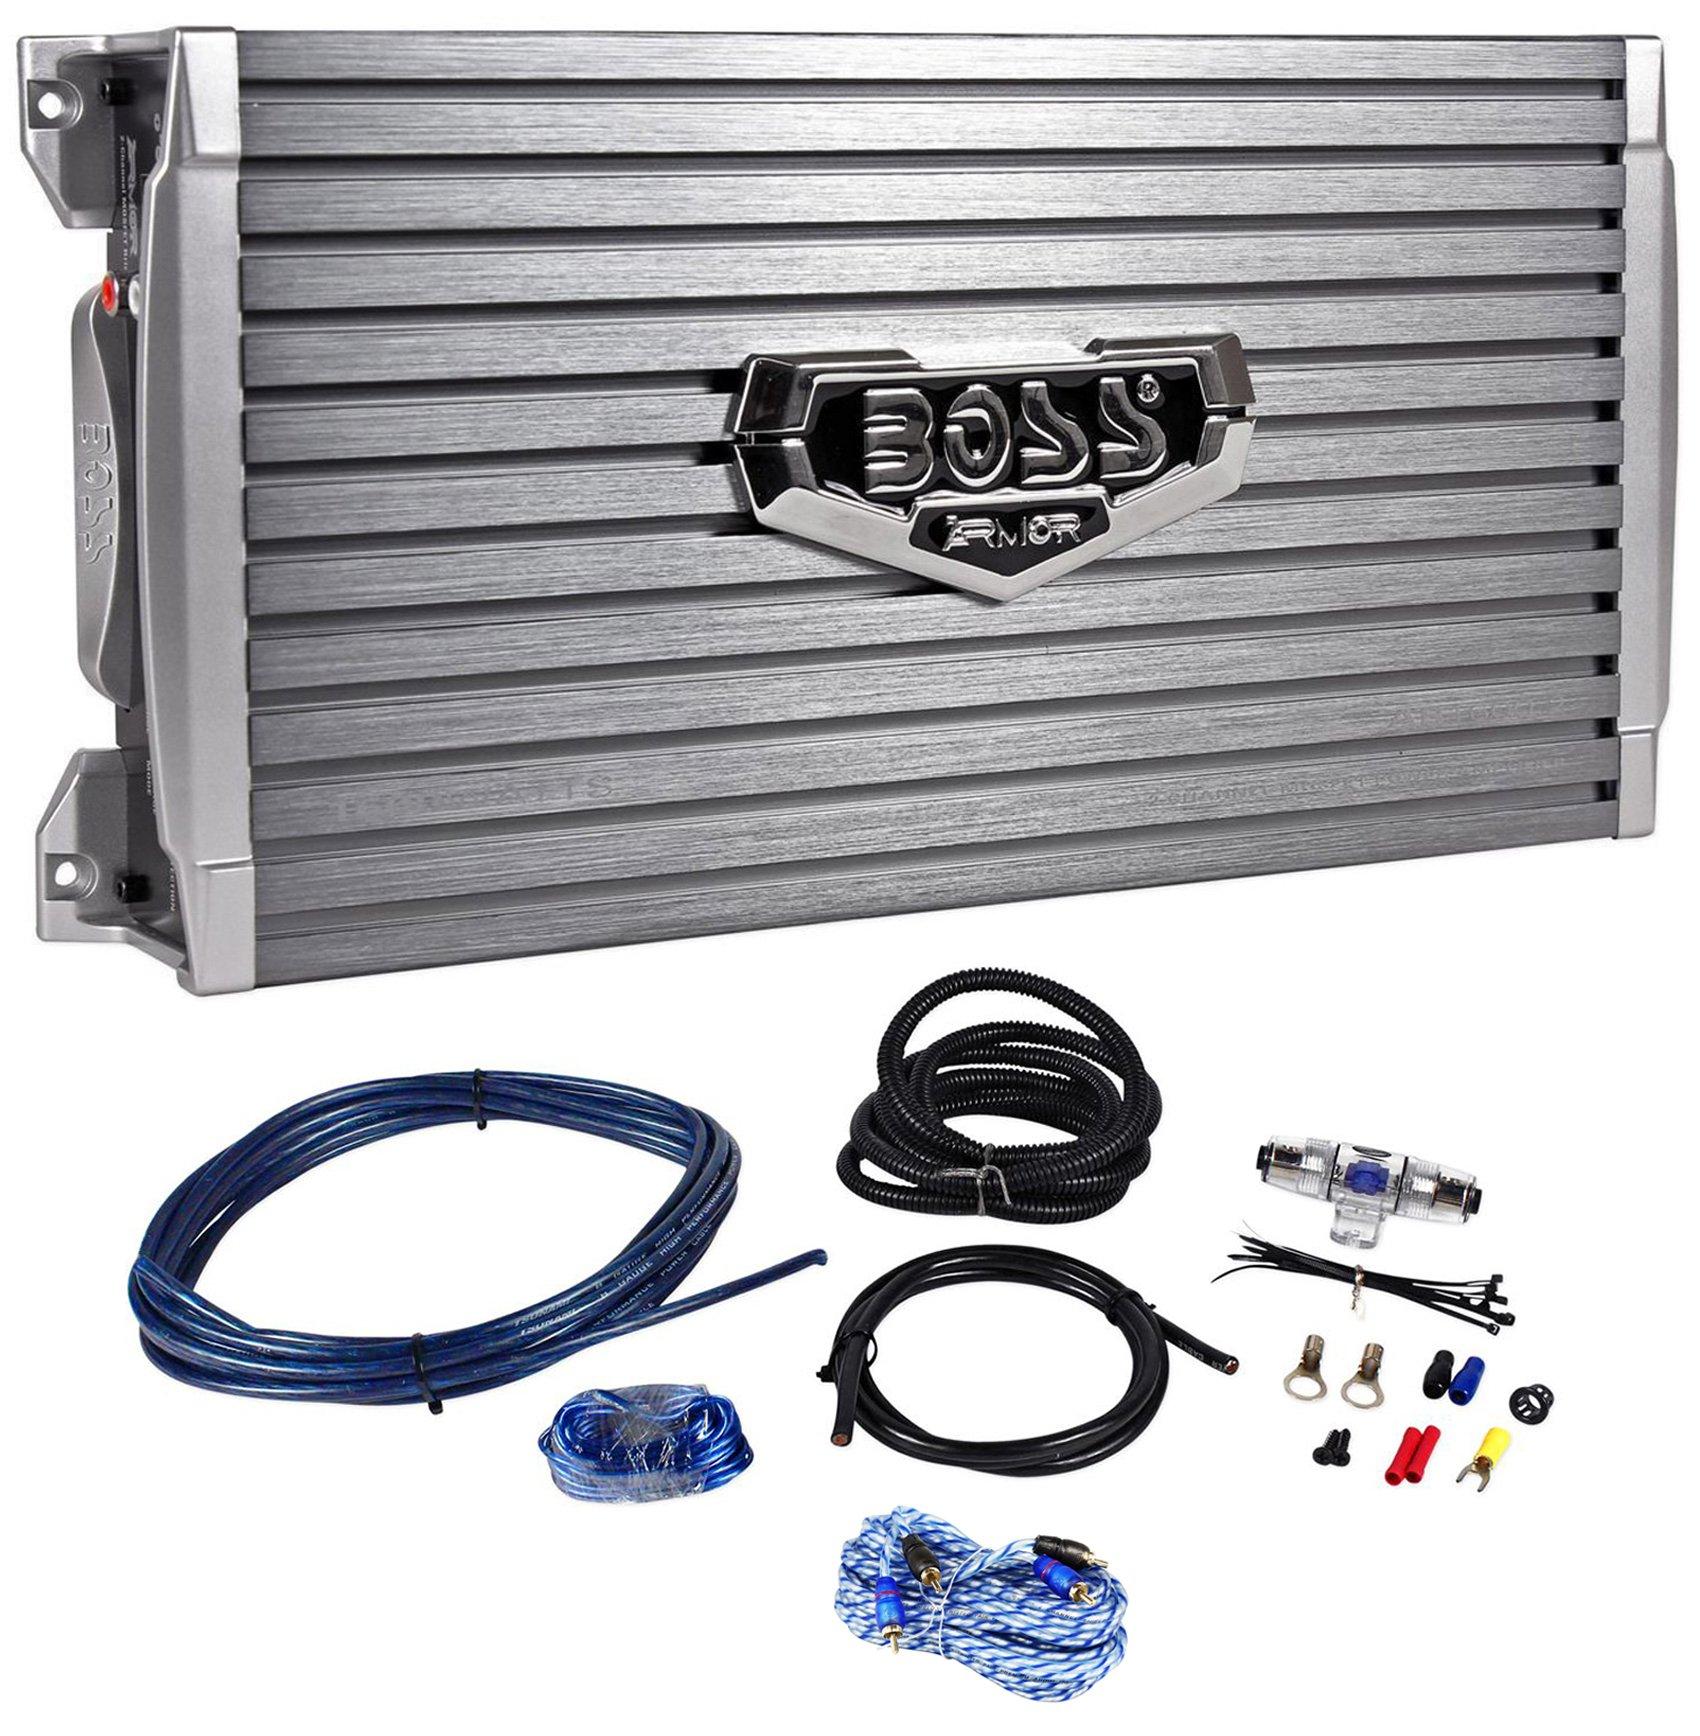 Boss Audio Armor AR1600.2 1600 Watt 2-Channel Car Audio Amplifier+Remote+Amp Kit